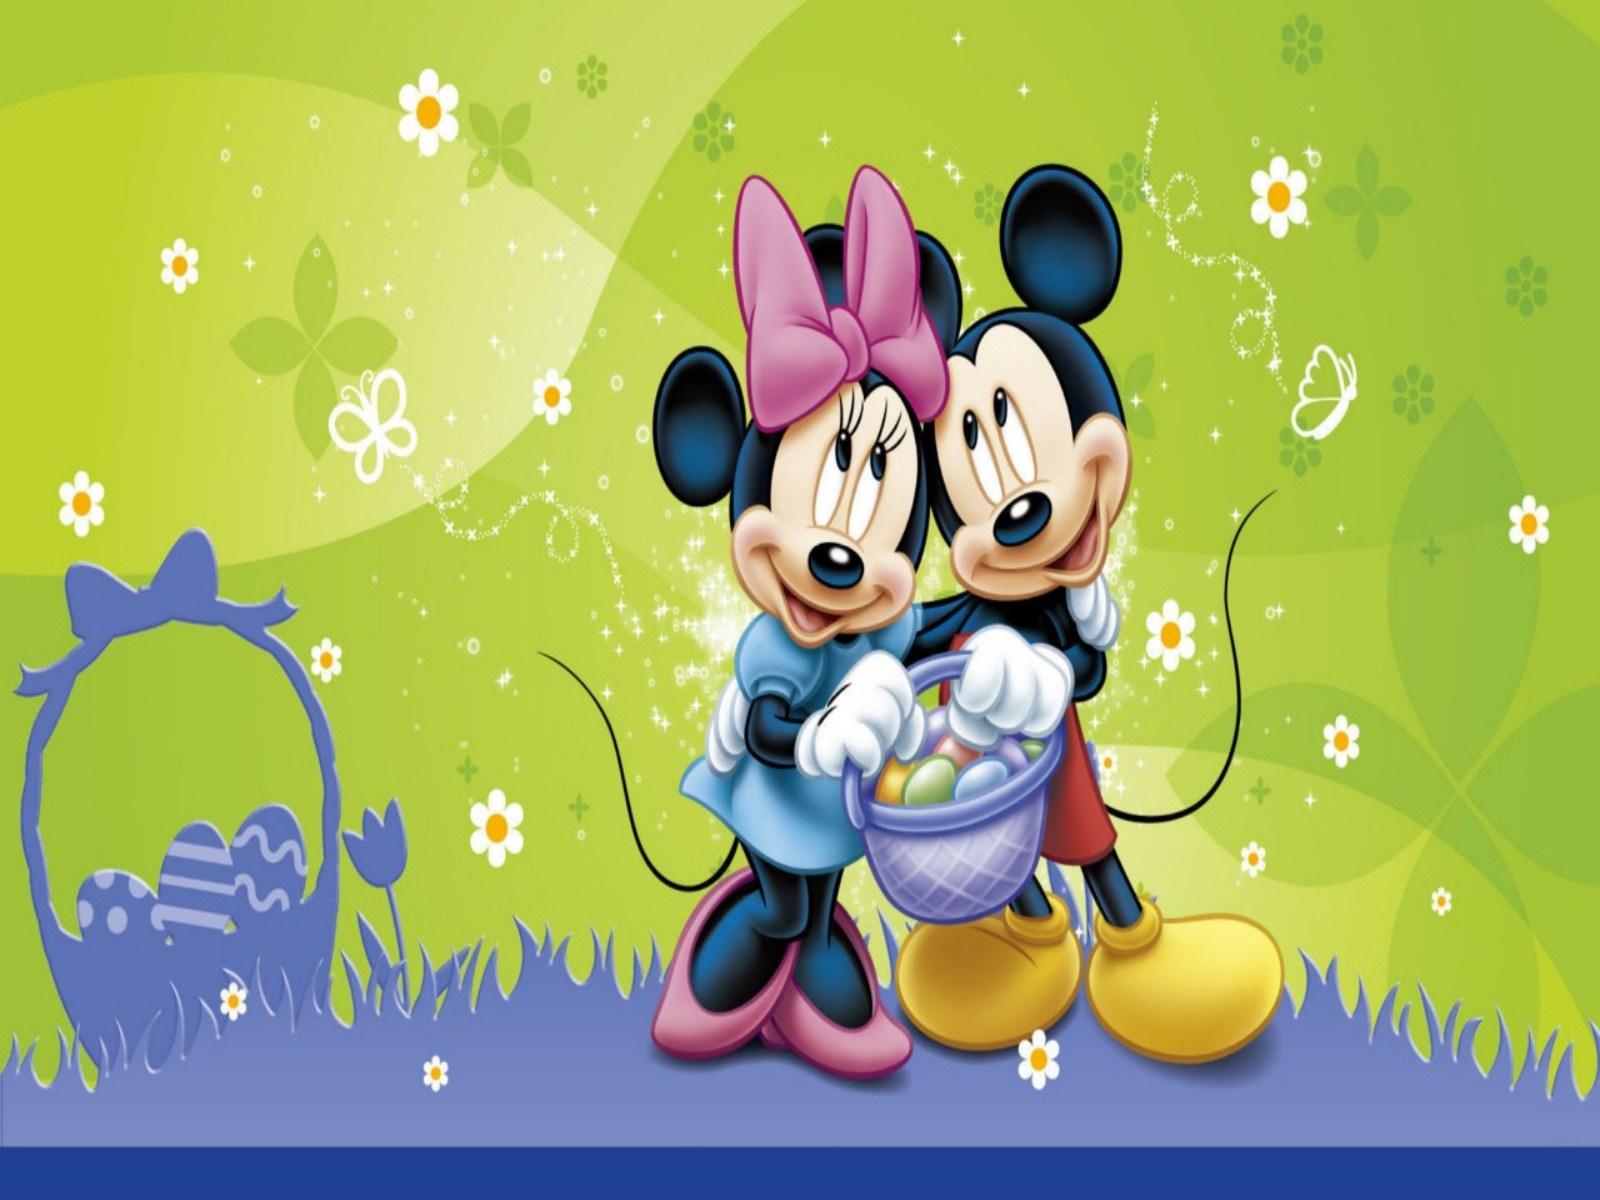 Mickey Mouse Easter Desktop Wallpaper - WallpaperSafari